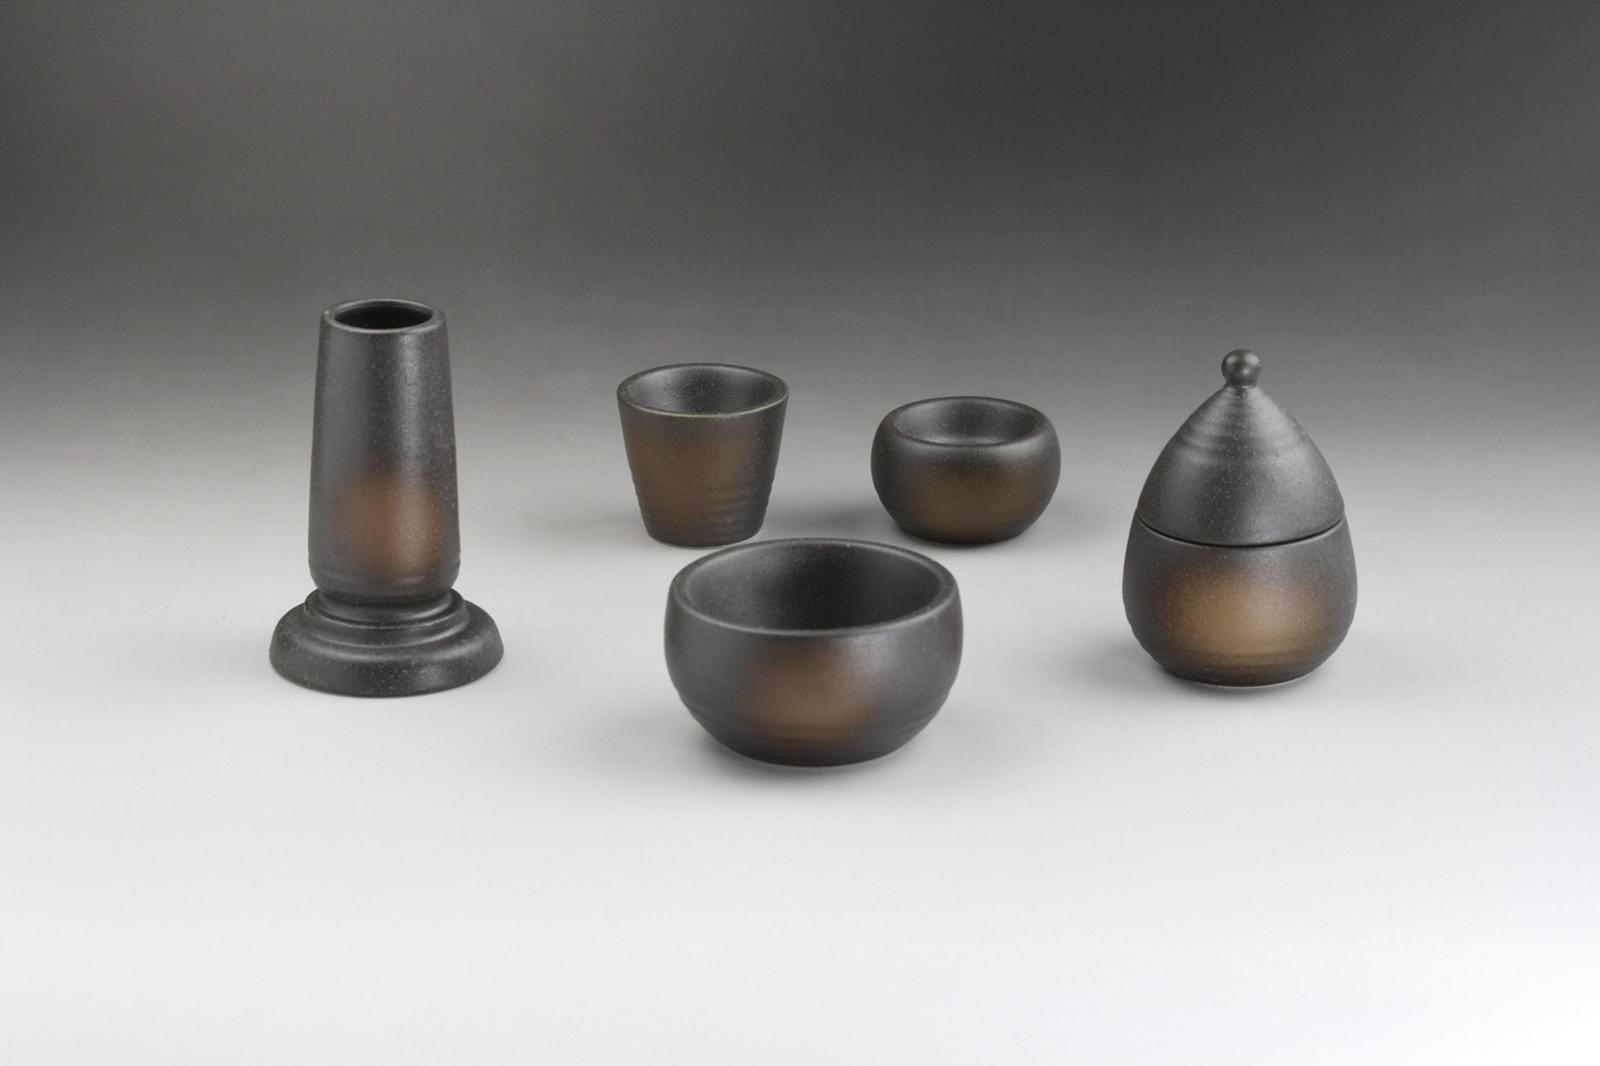 送料無料 陶製モダン 年間定番 仏具 5具足 火消し用蓋付 5点セット 陶製 備前吹き 絶品